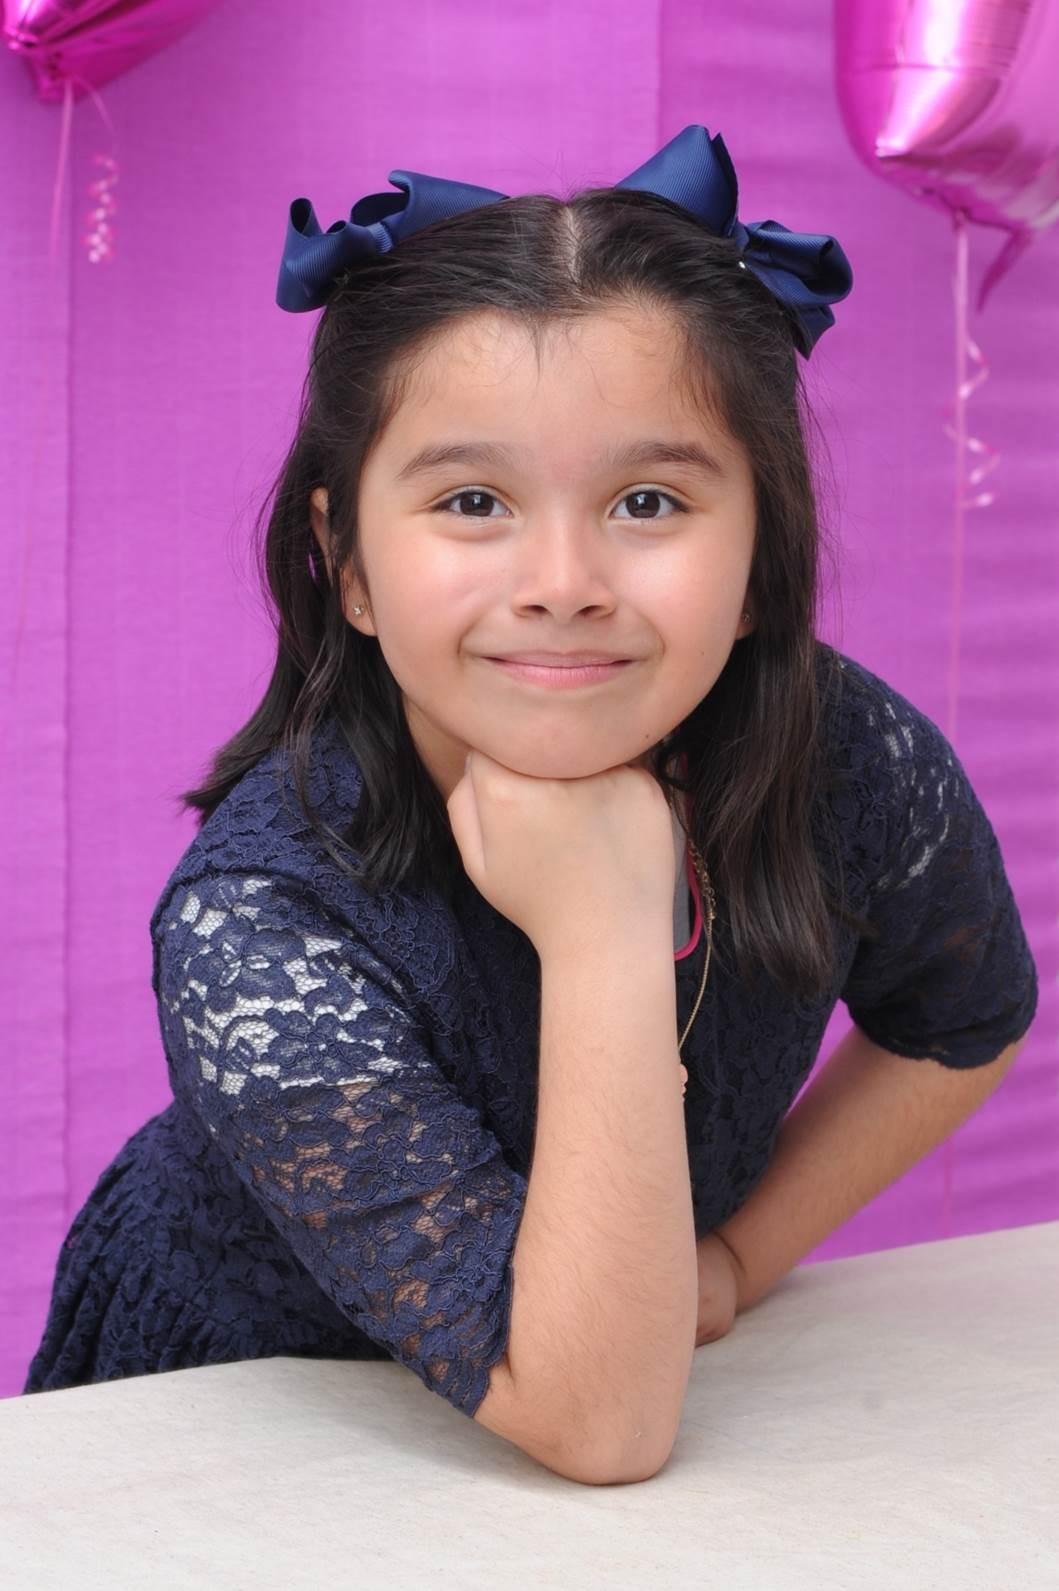 Veronica Sanchez-Morales, 8, poses for a portrait.